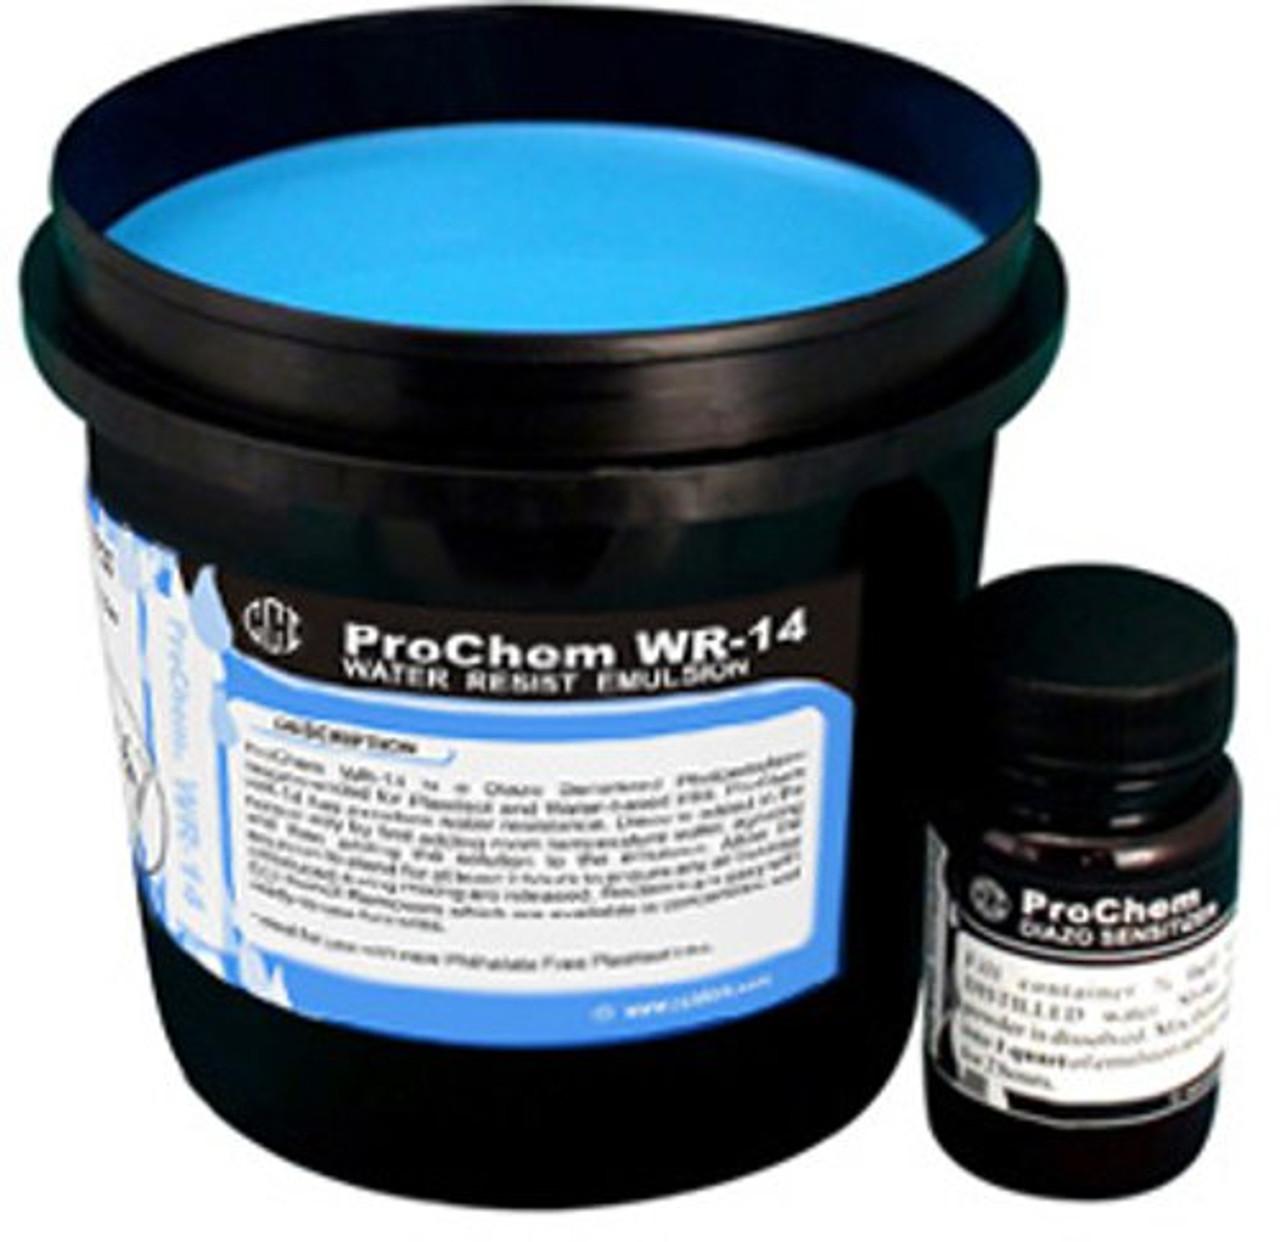 CCI ProChem WR-14 emulsion